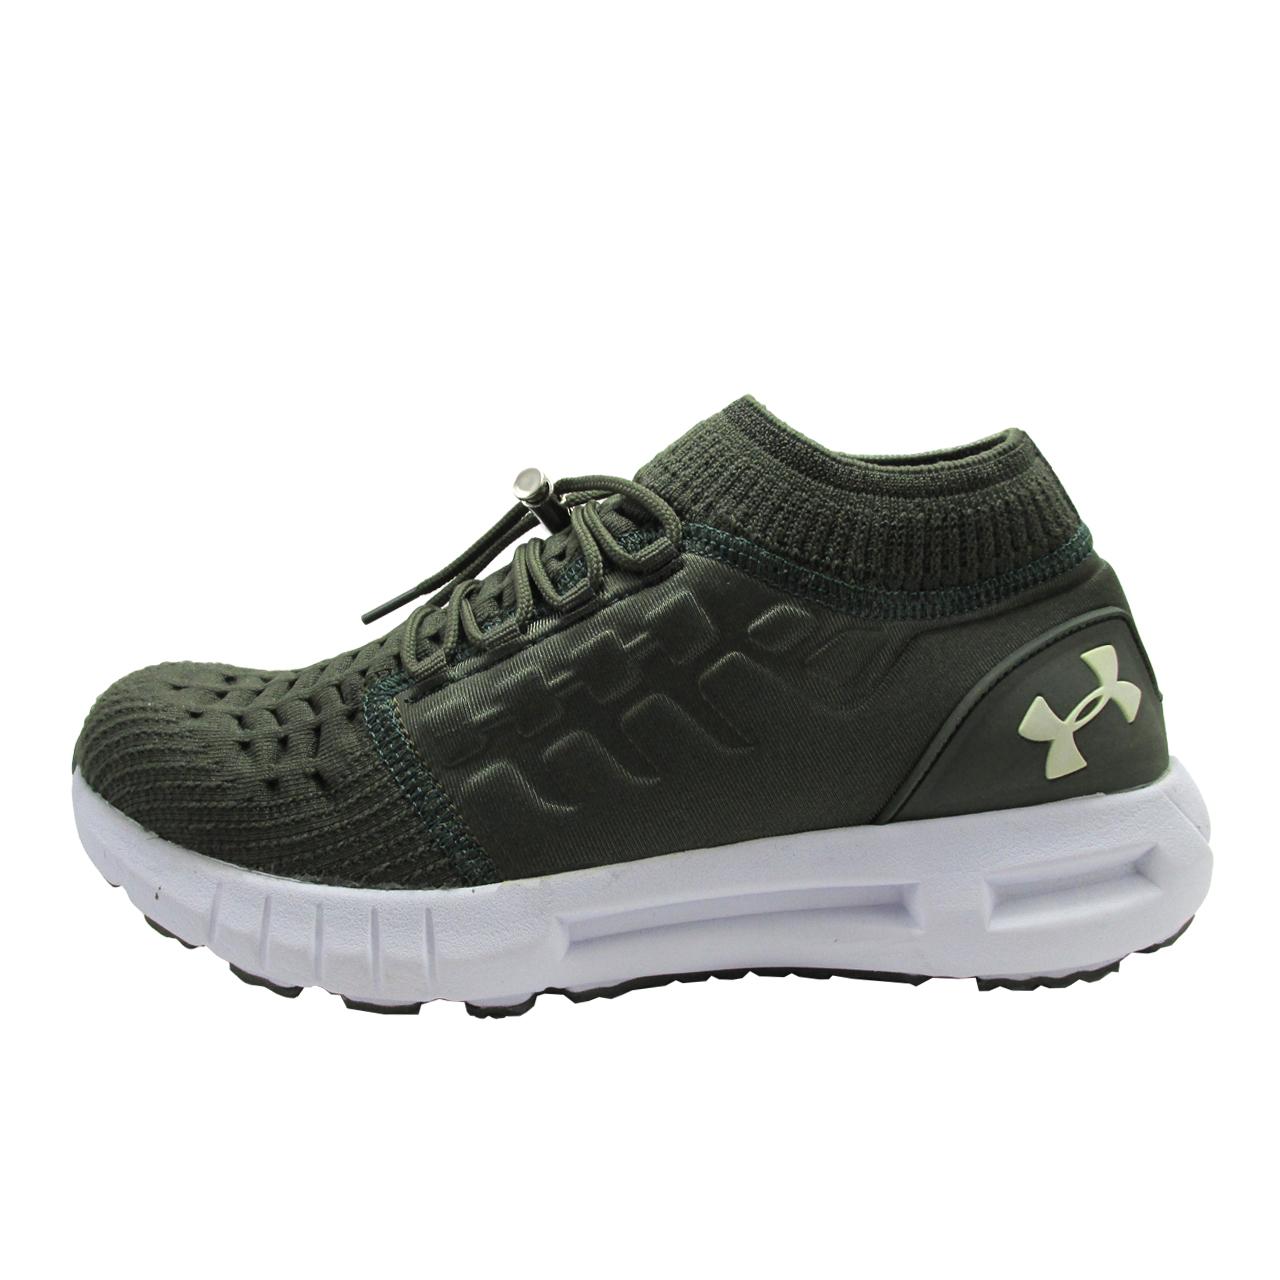 کفش مخصوص پیاده روی مردانه مدل B11 رنگ سبز